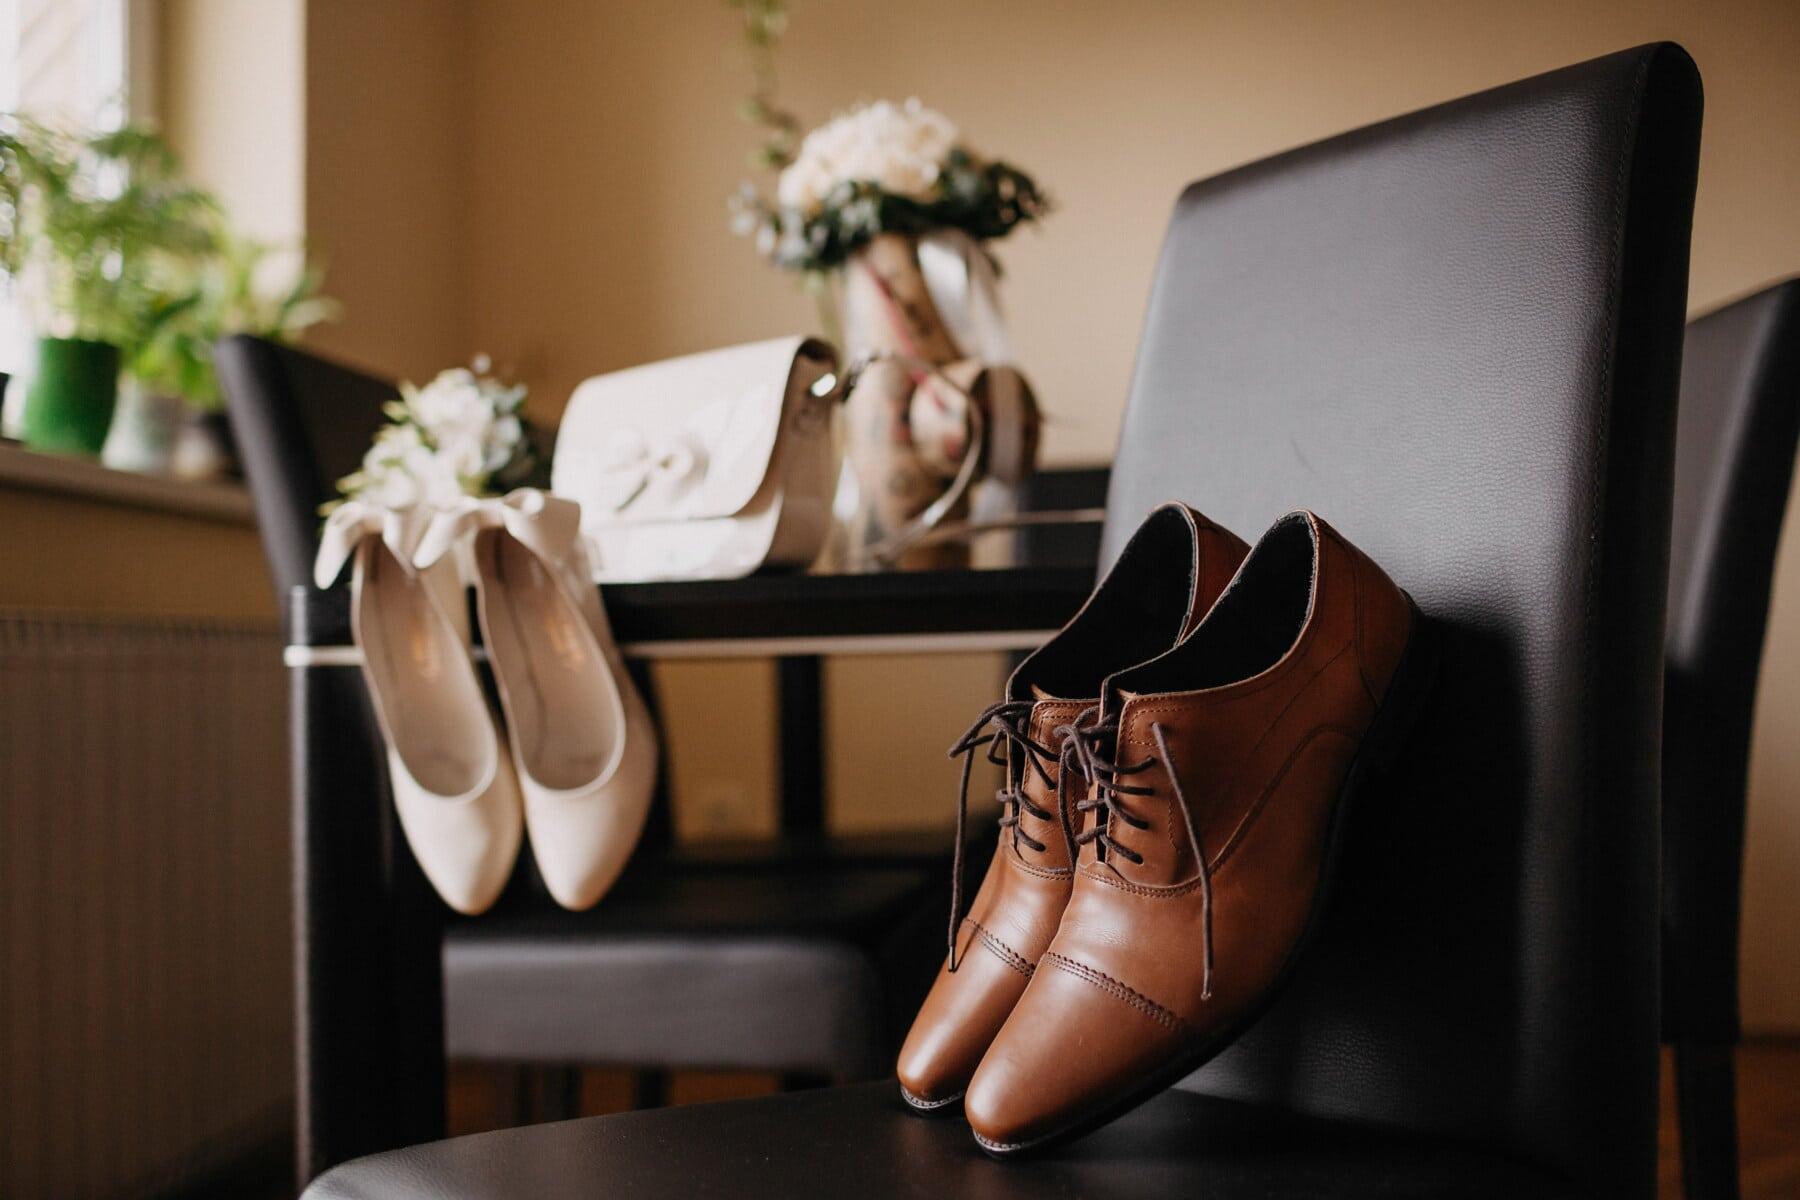 nâu nhạt, cổ điển, giày dép, da, người đàn ông, giày dép, ghế, màu đen, đám cưới, Đánh giày